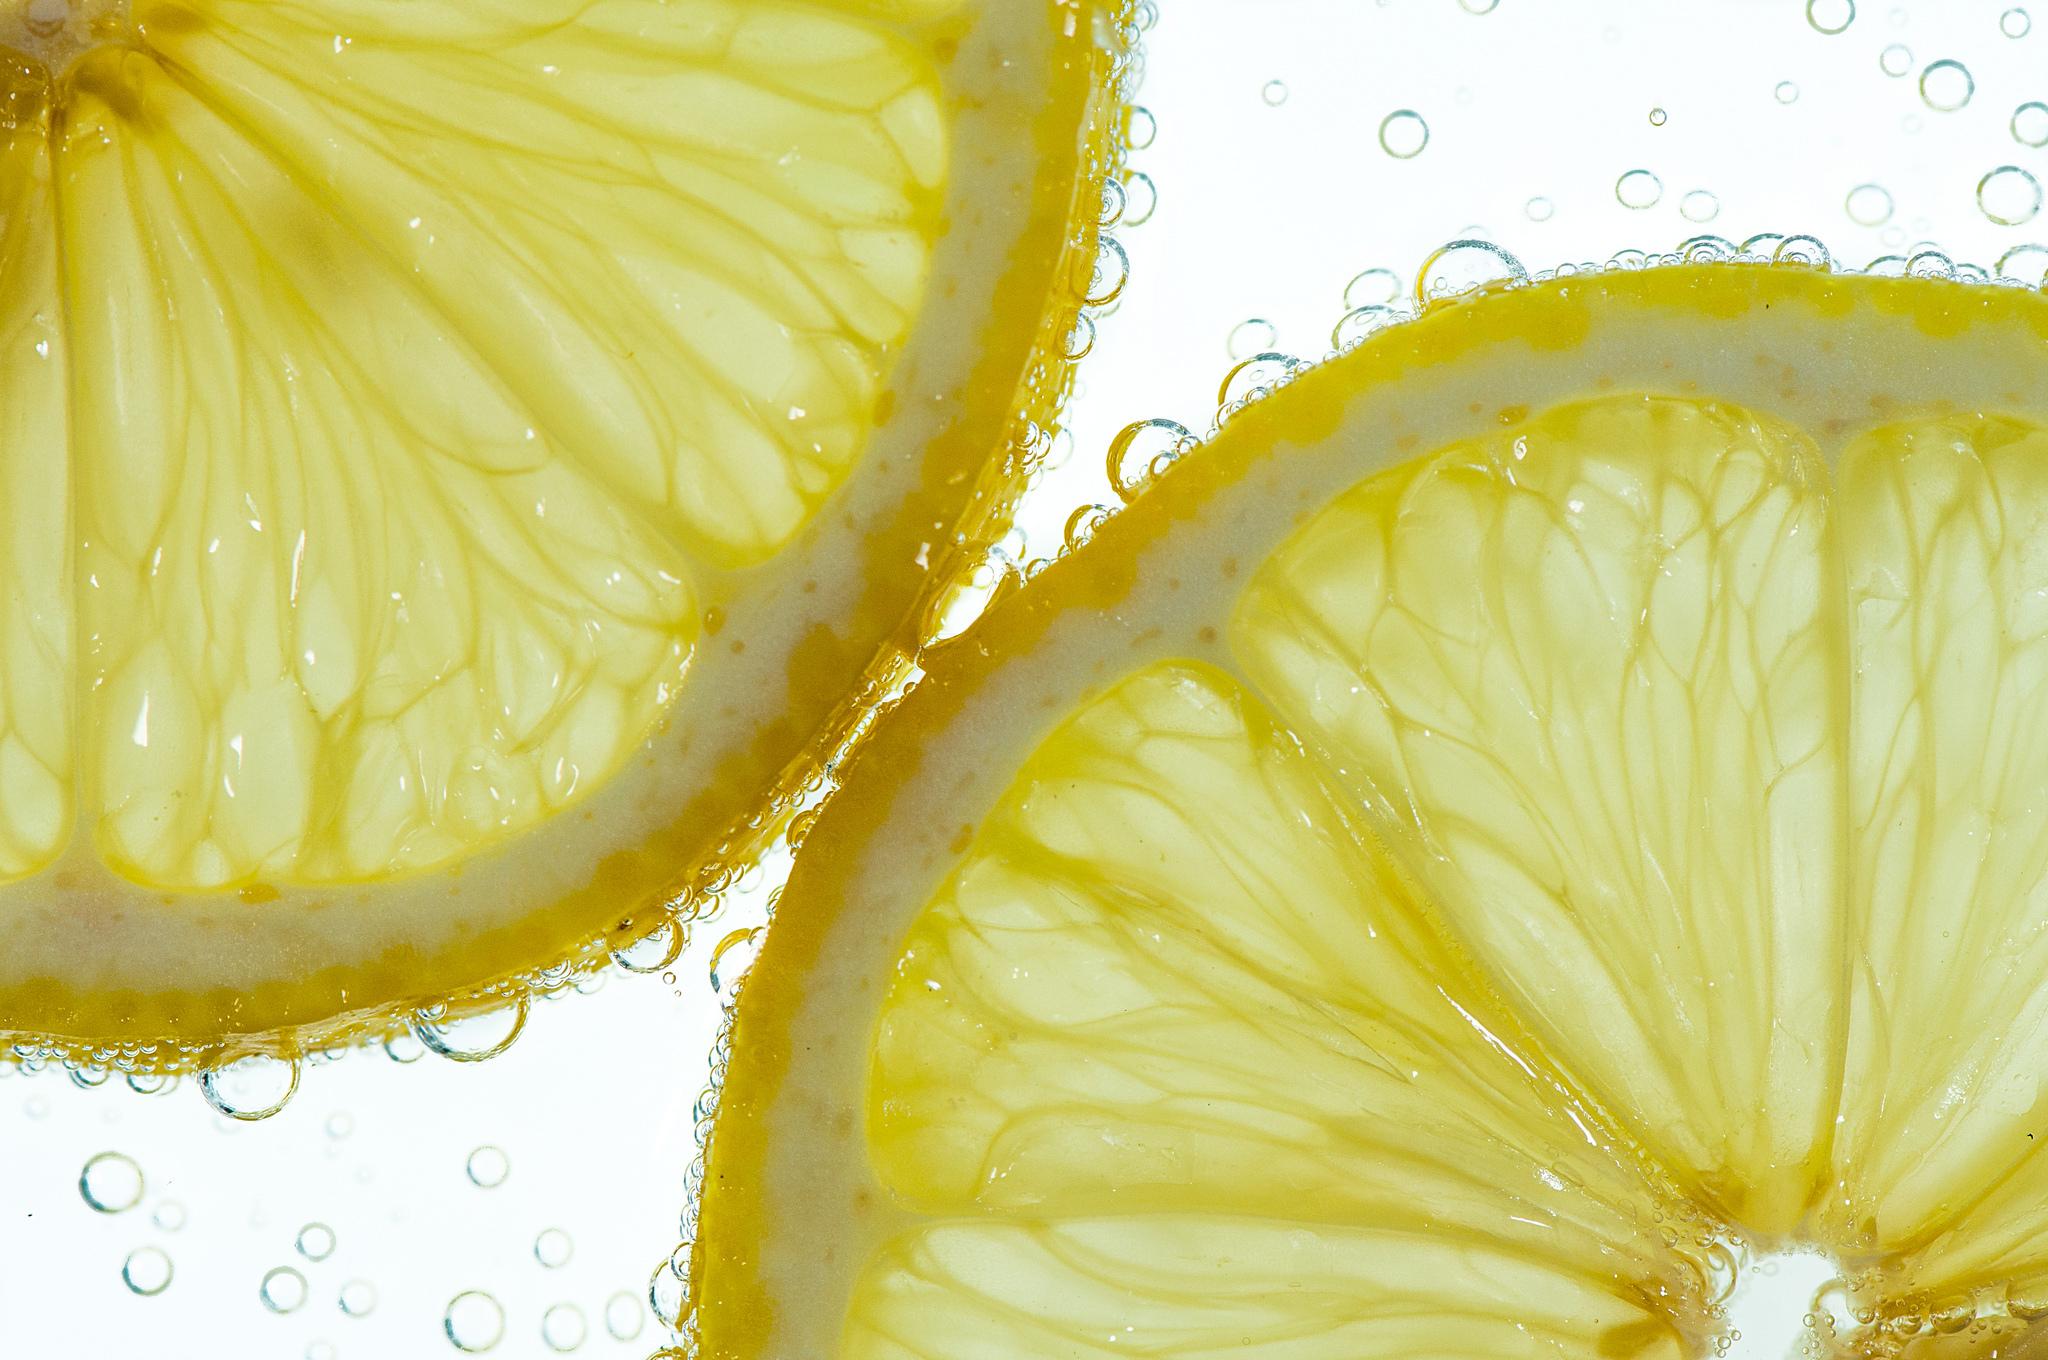 Дольки лимона в стакане  № 3698229 бесплатно